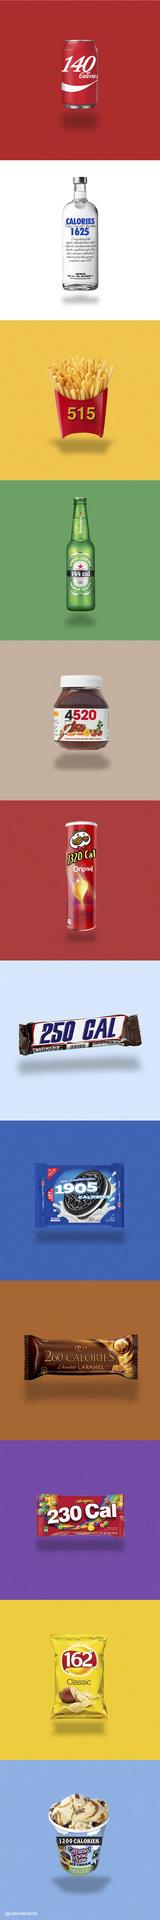 calorias-alimentos-03